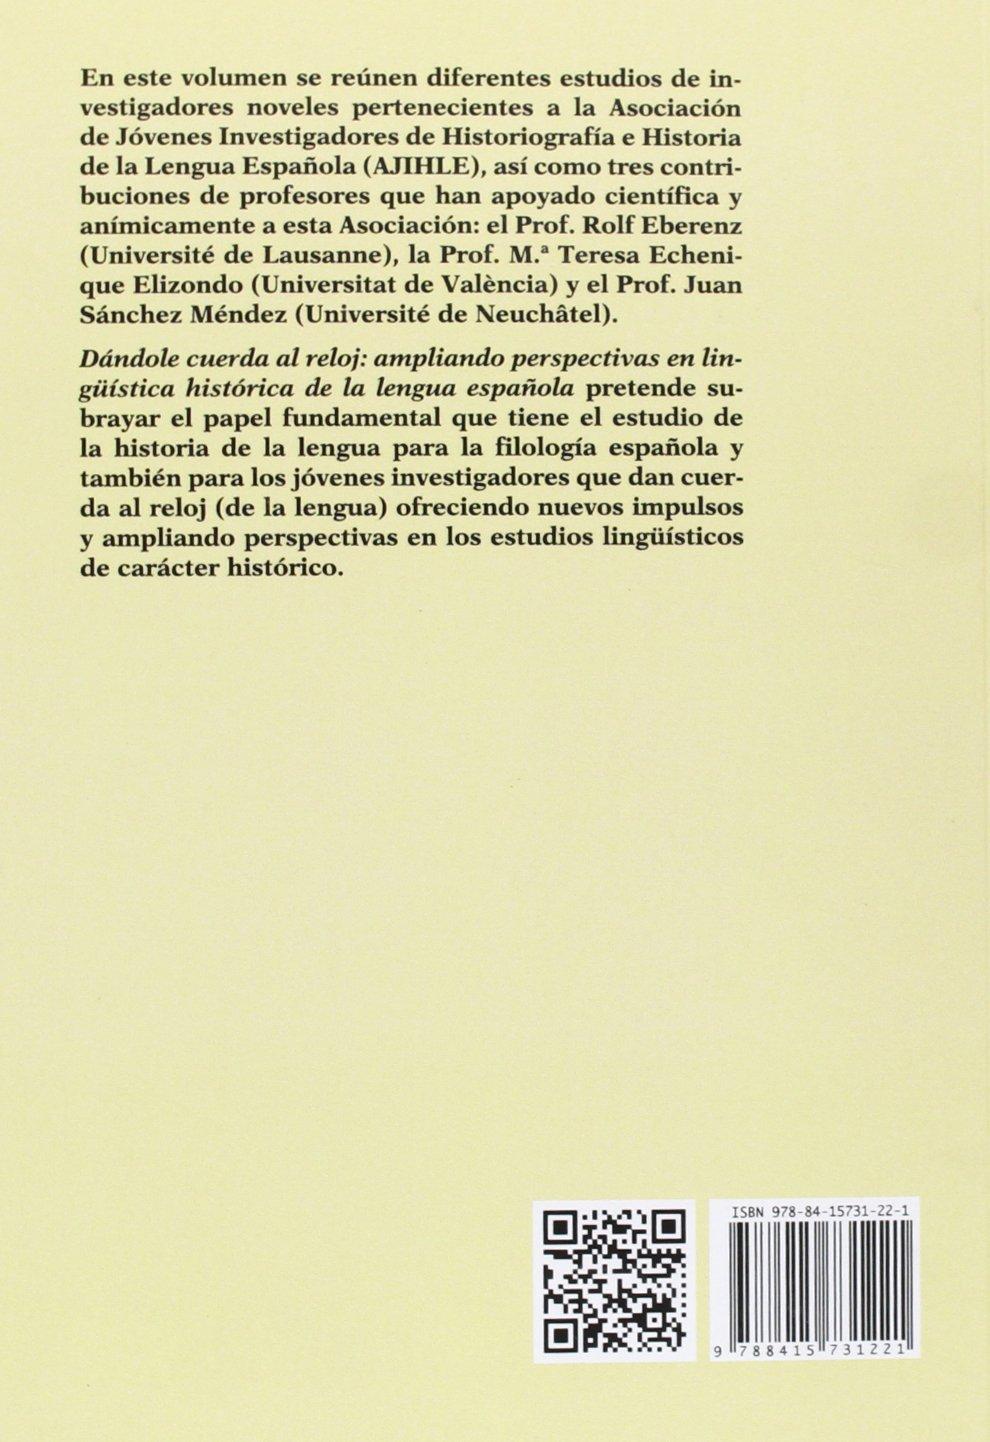 Dandole cuerda al reloj: Vicente Álvarez Vives: 9788415731221: Amazon.com: Books